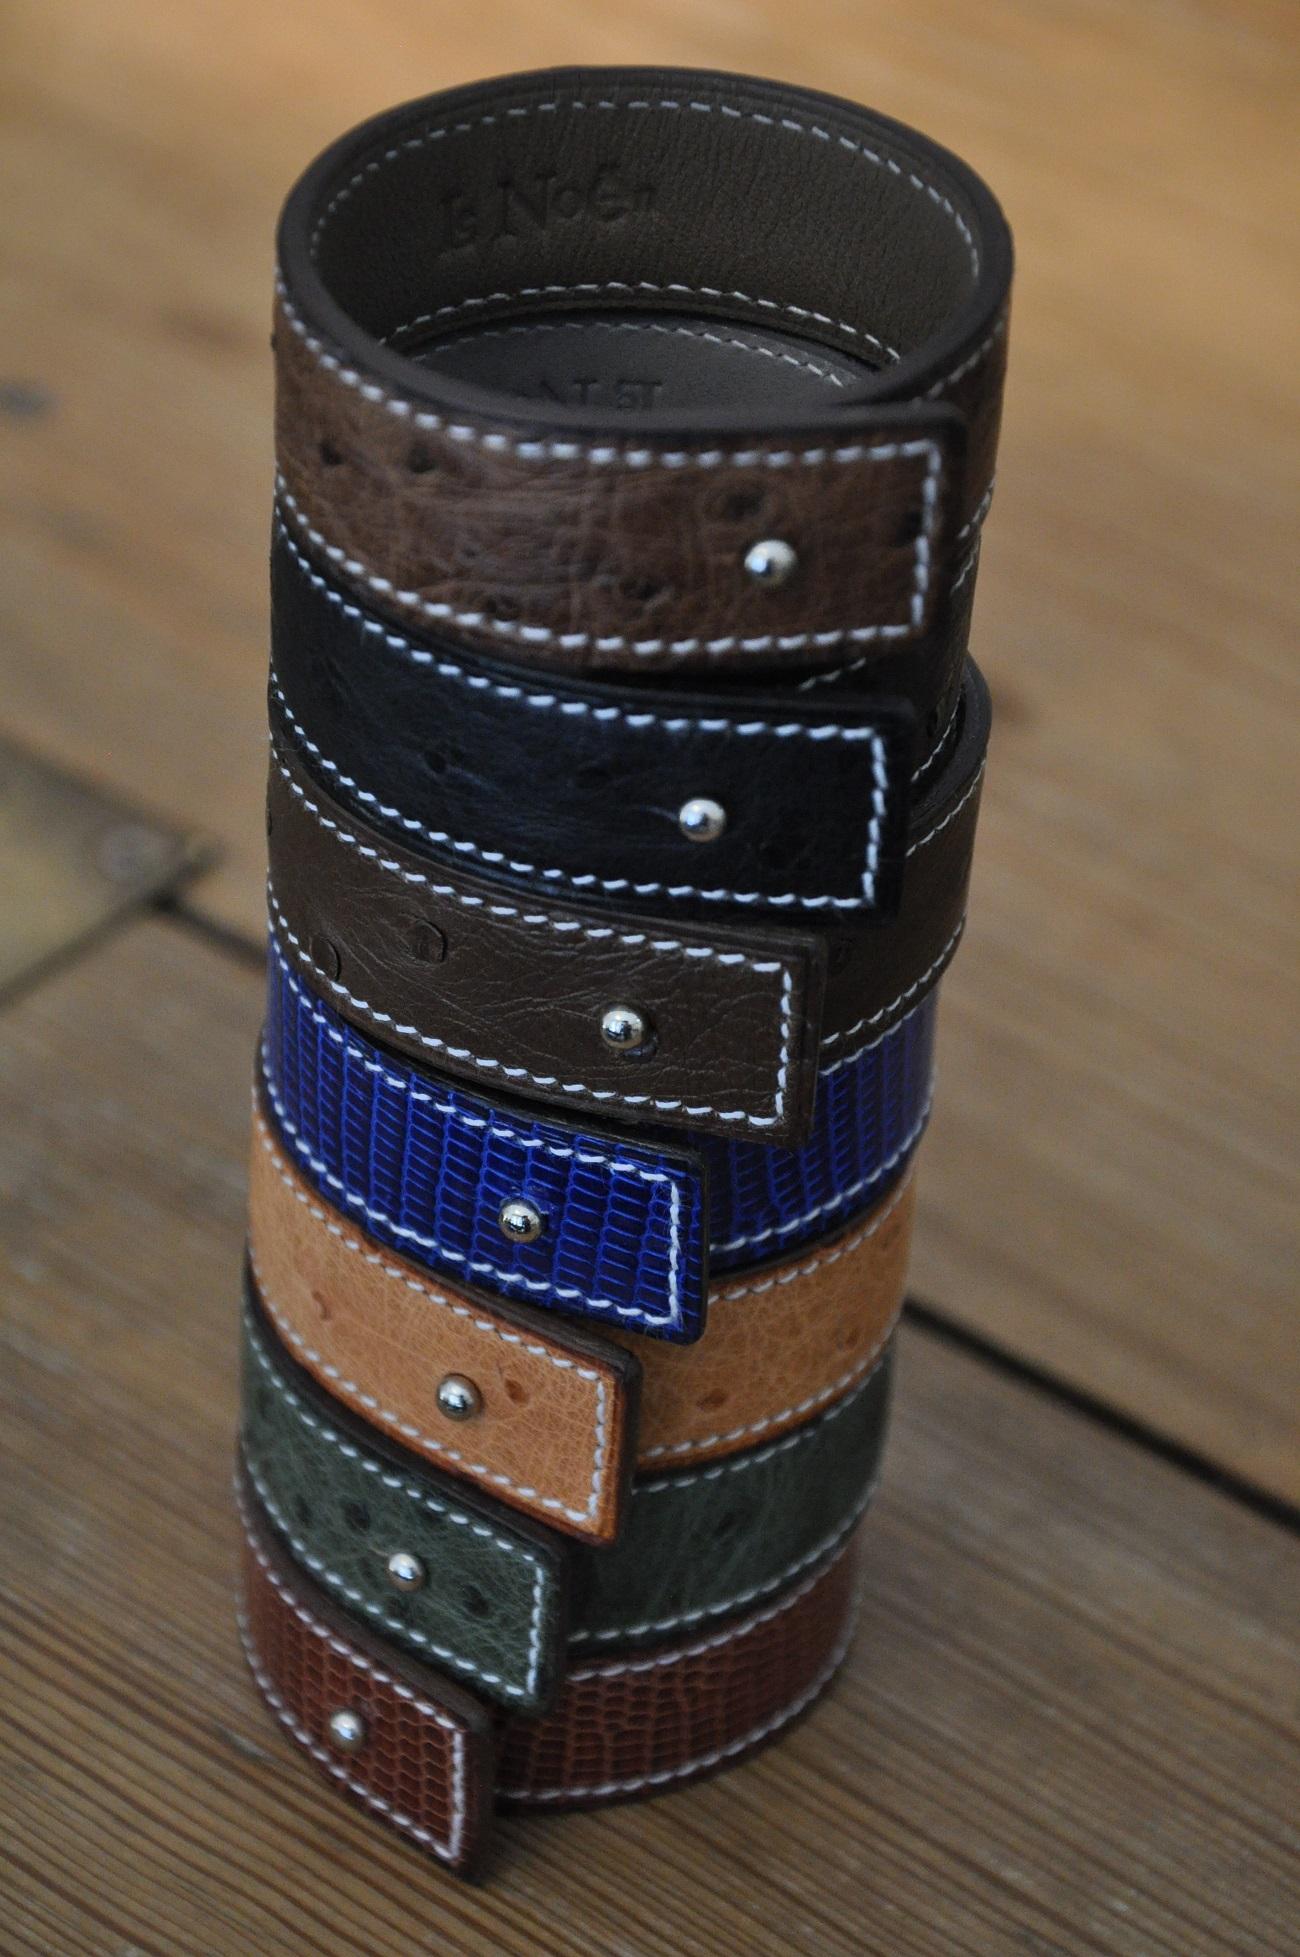 Bracelets - bijoux en cuirs précieux : autruche, lézard... Fabrication LE NOËN